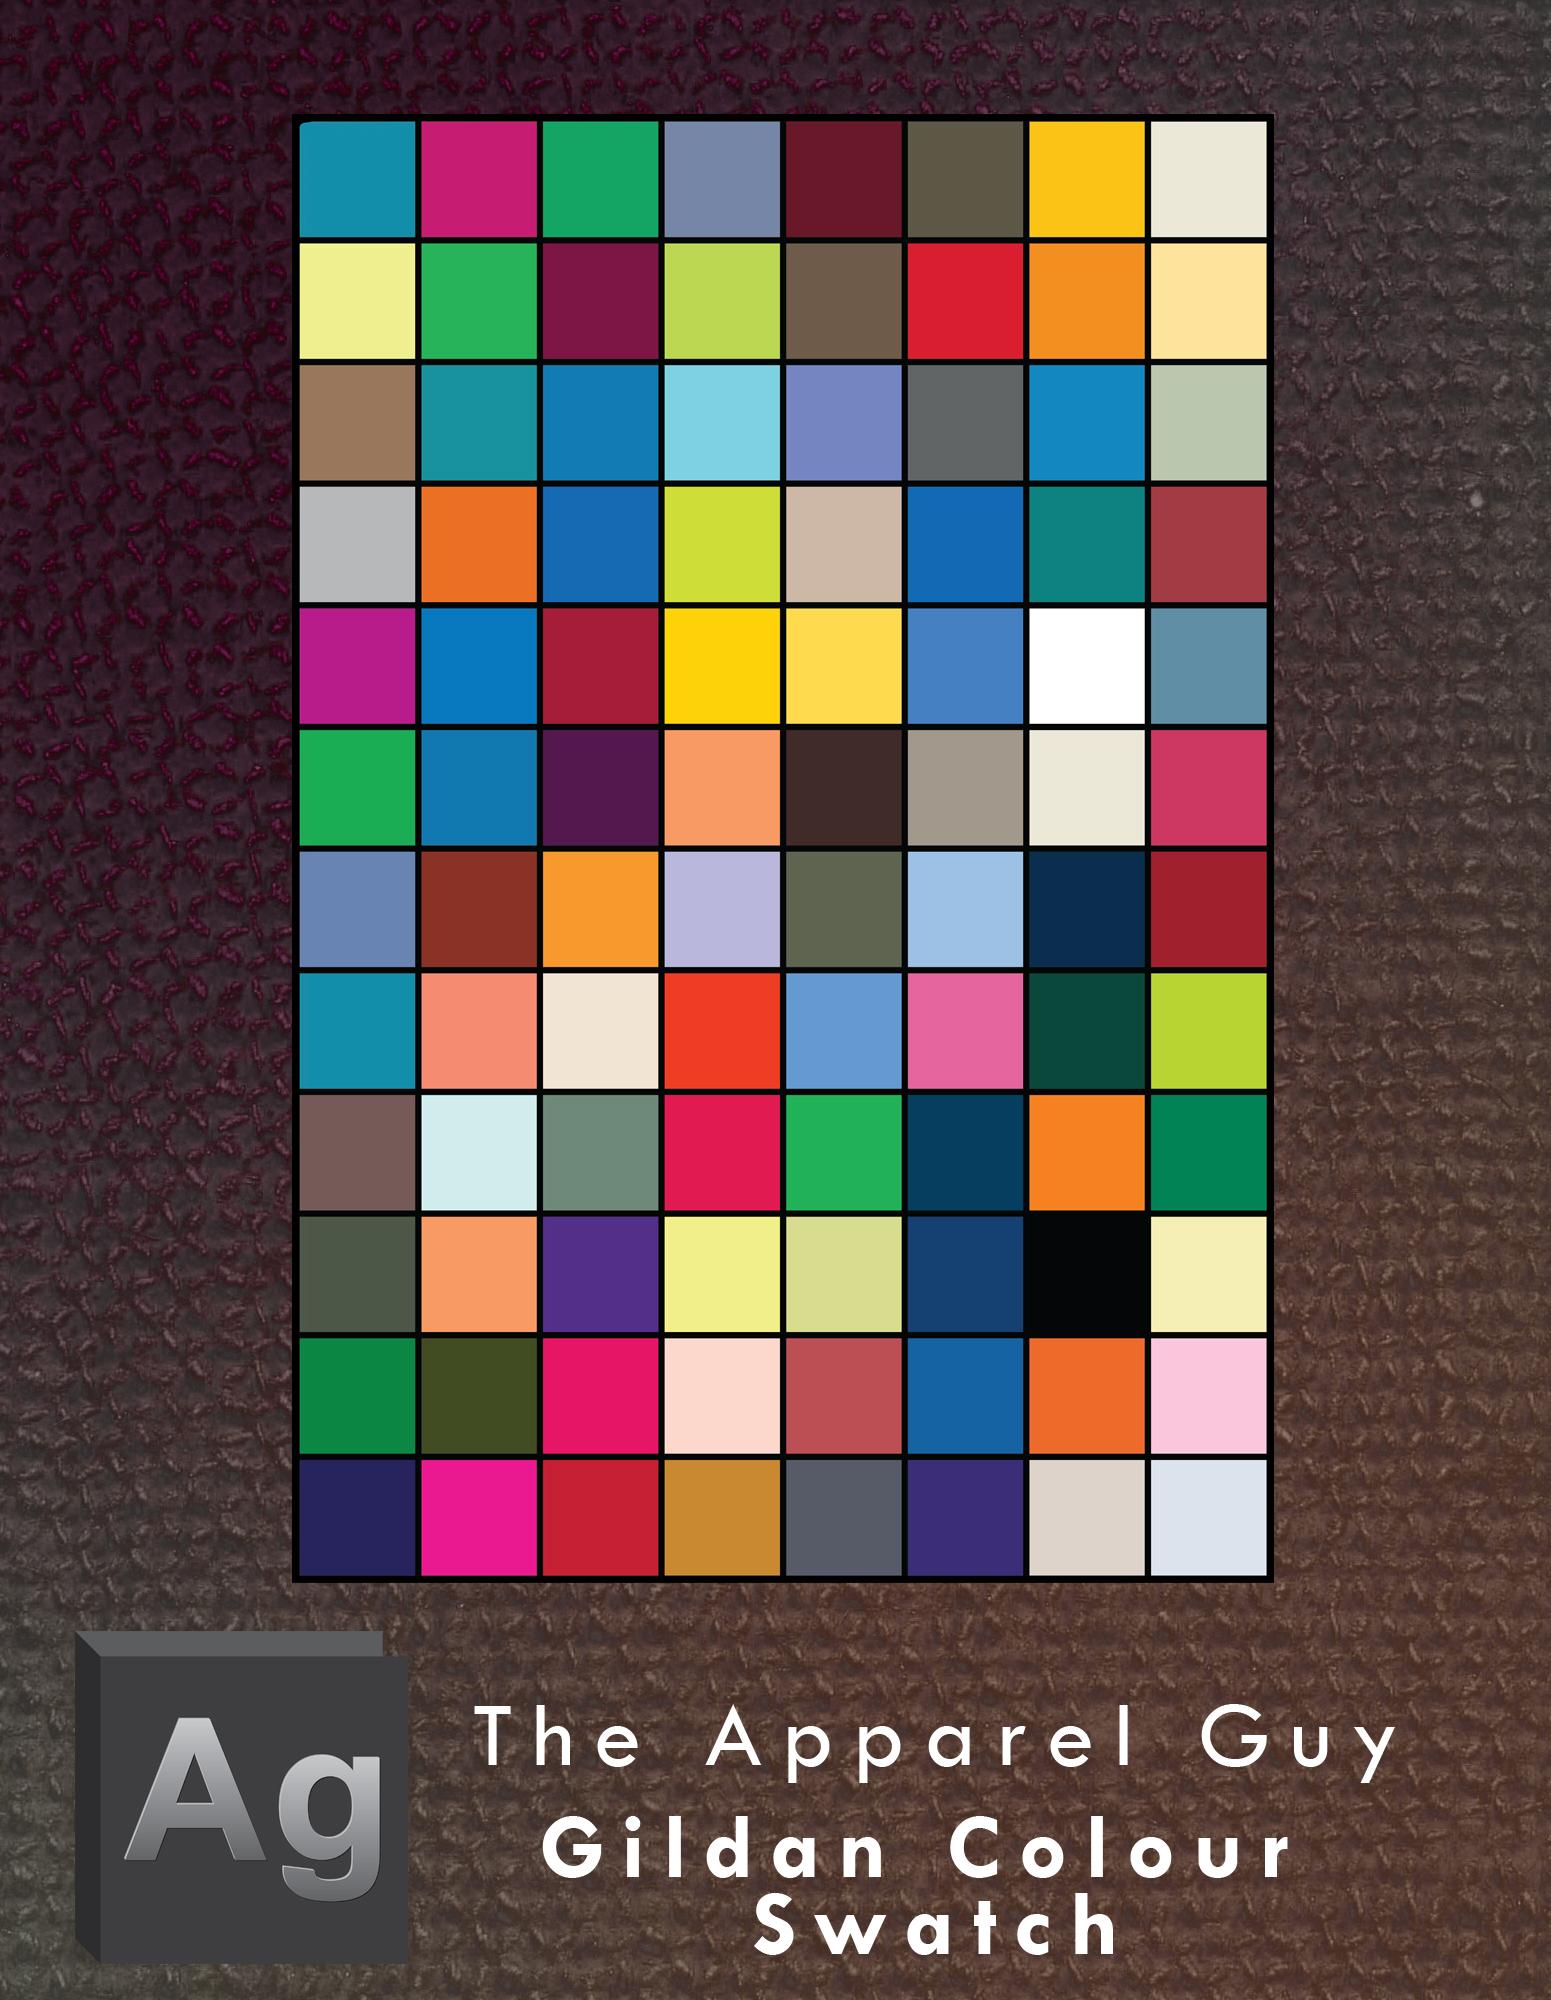 Gildan Apparel Colour Swatches